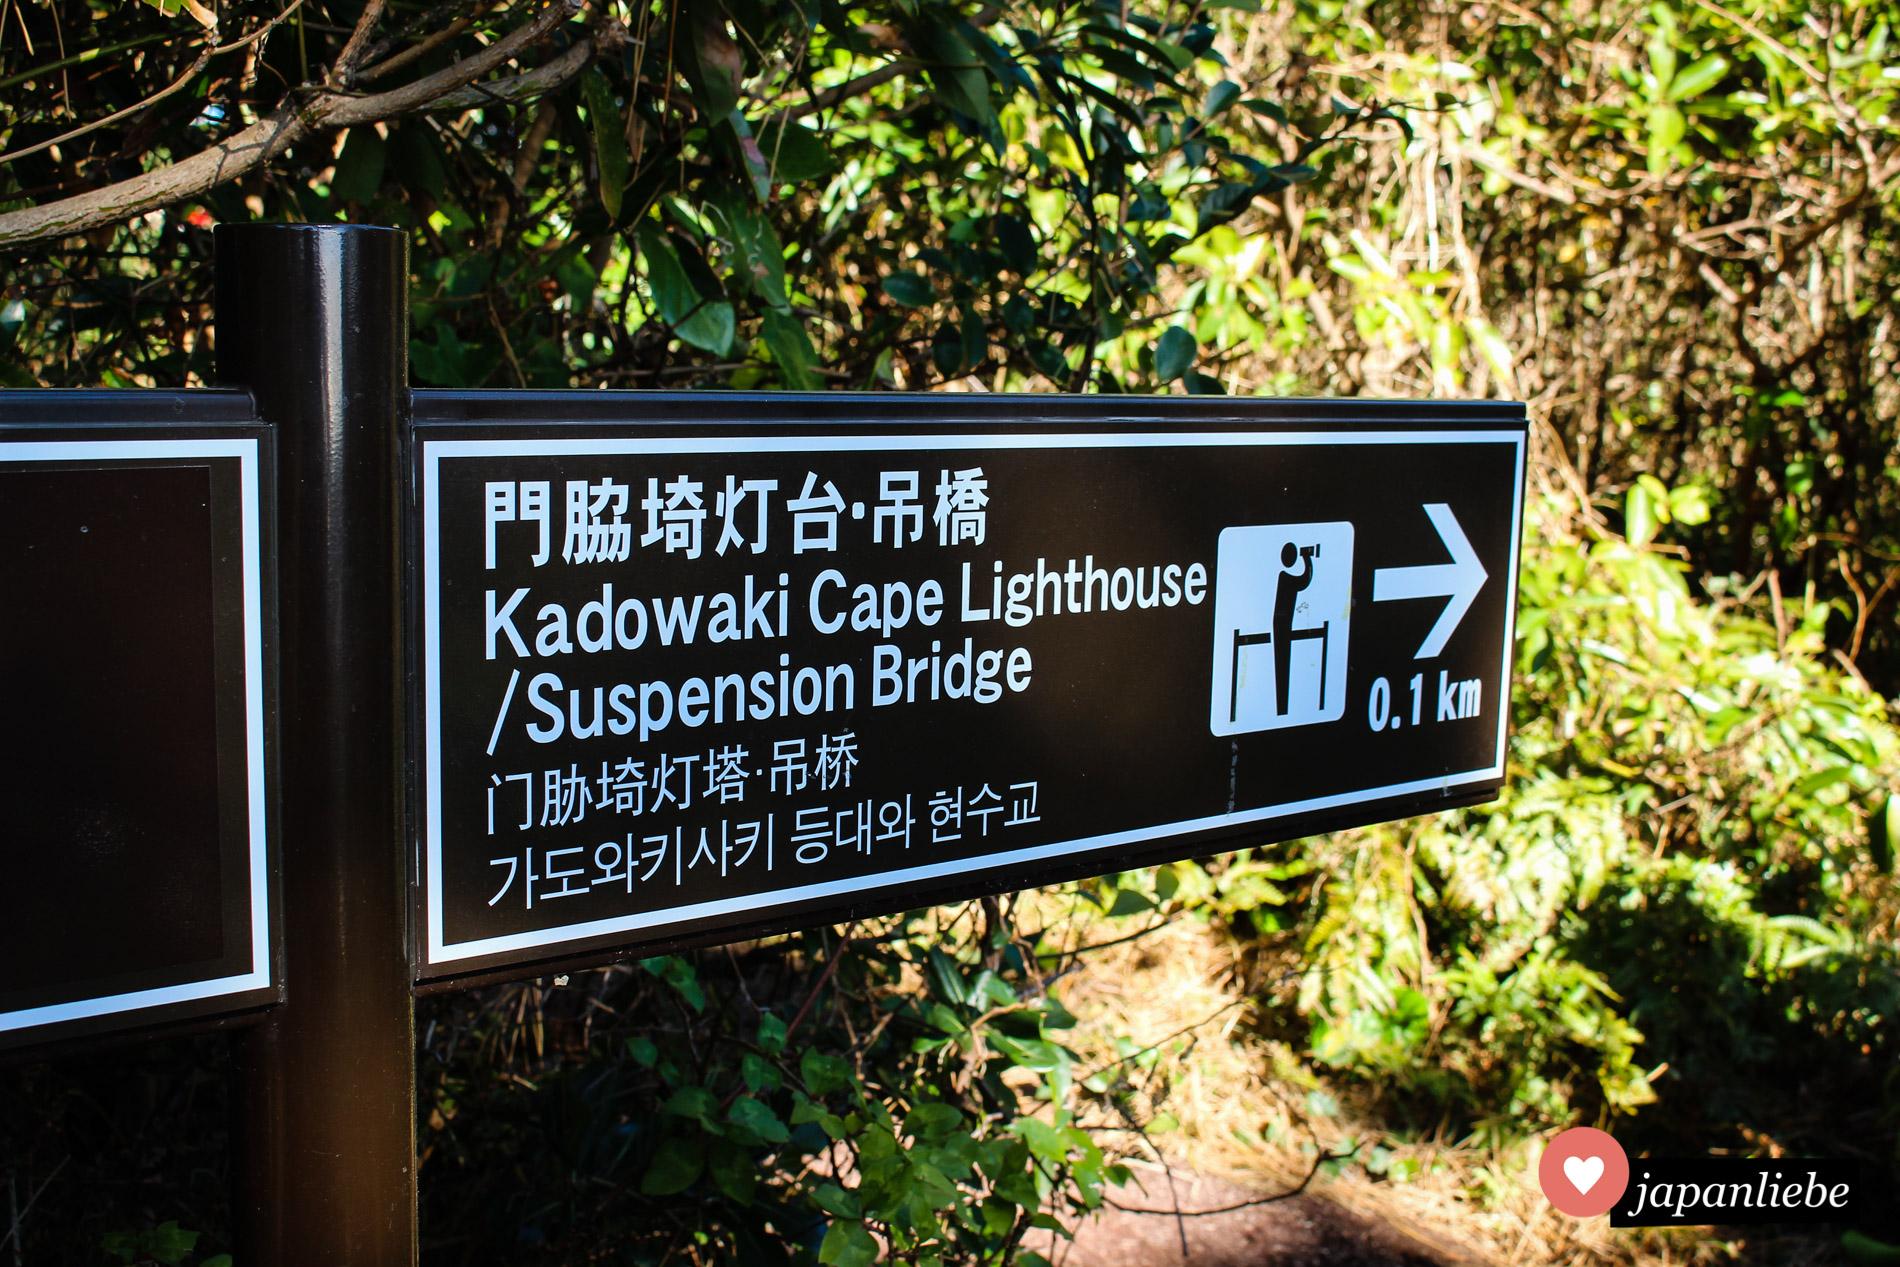 Wegweiser zum kap Kadowaki mit Leuchtturm und Hängebrücke.